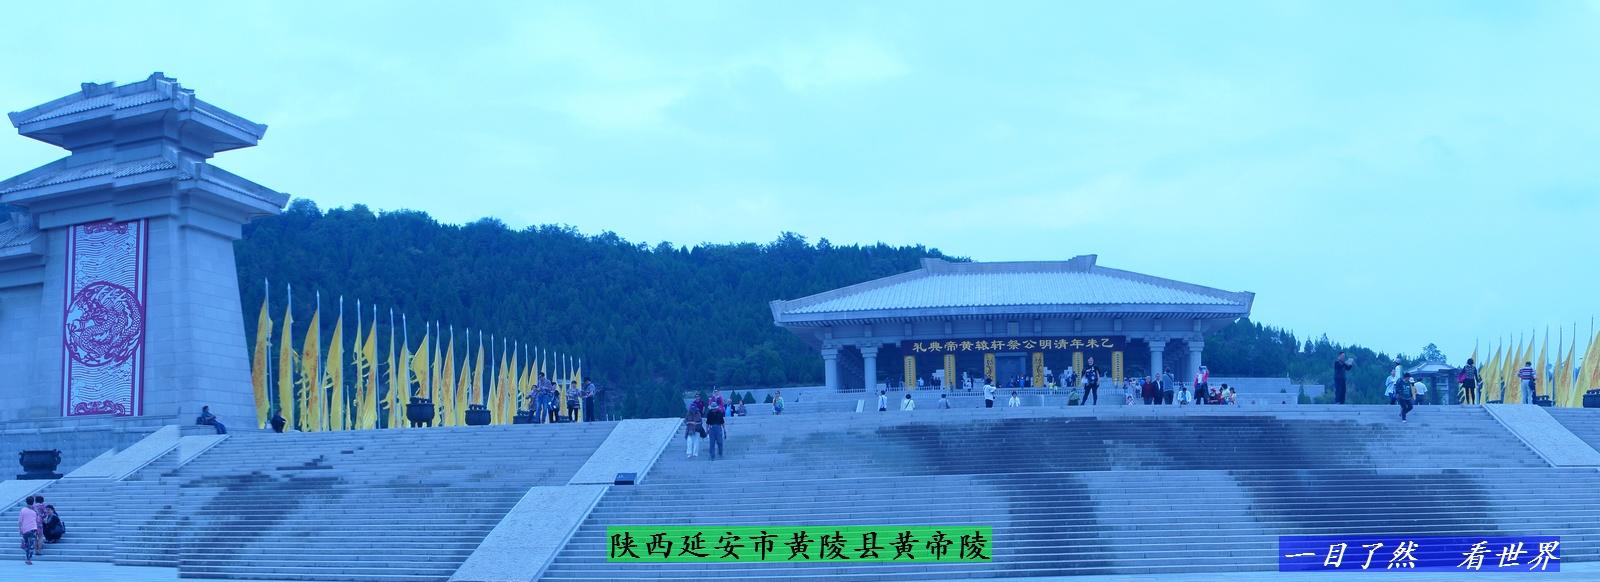 黄帝陵景区--47-1600.jpg